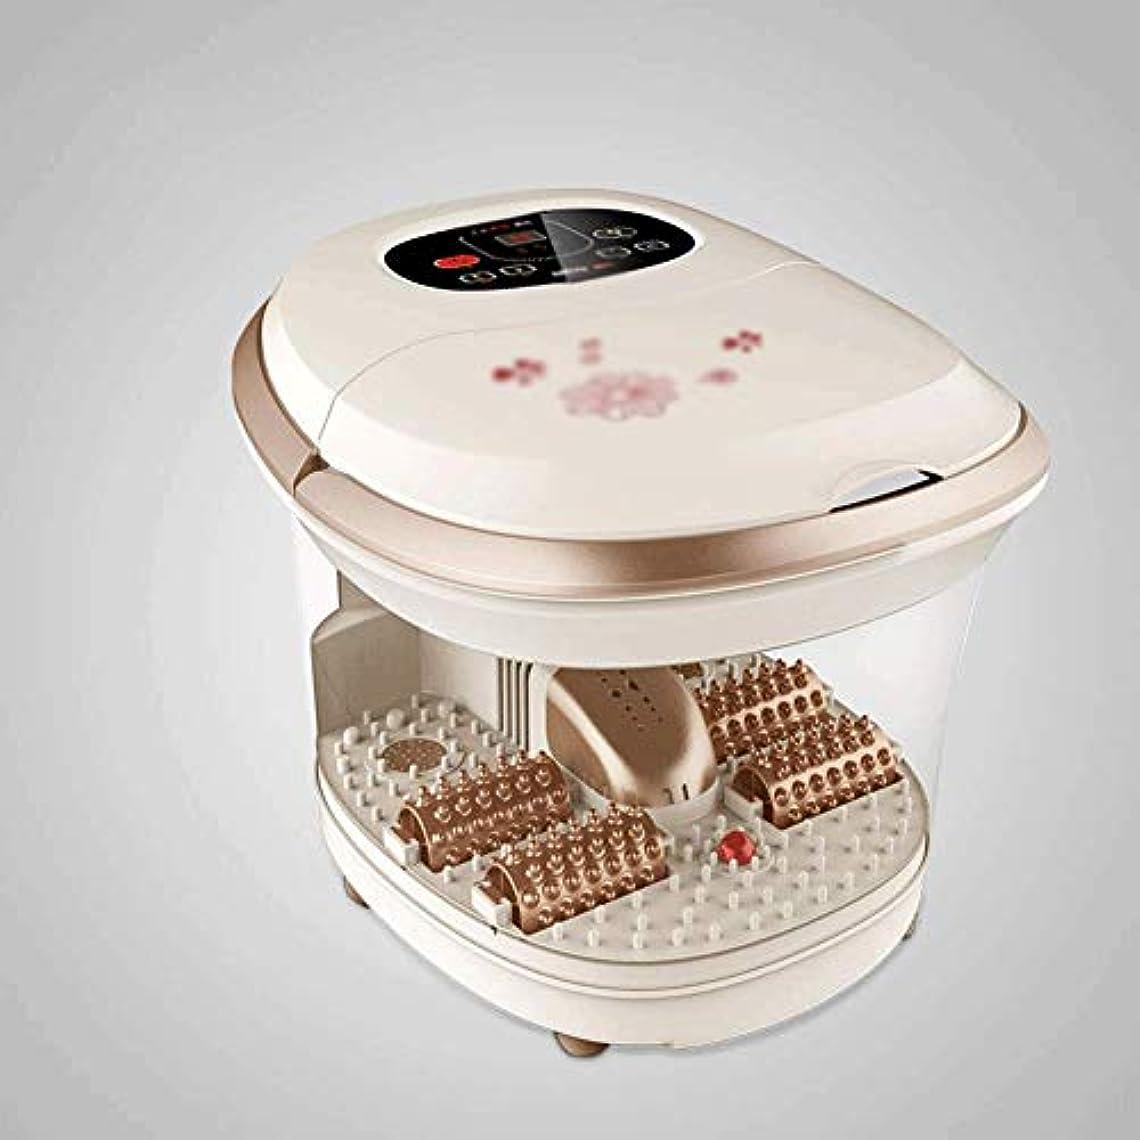 非効率的な頬骨ブロックLEIGE Foot Spa Massager - スーパーファストヒーティングシステム、4つの電動マッサージローラー、ささやきの静かな